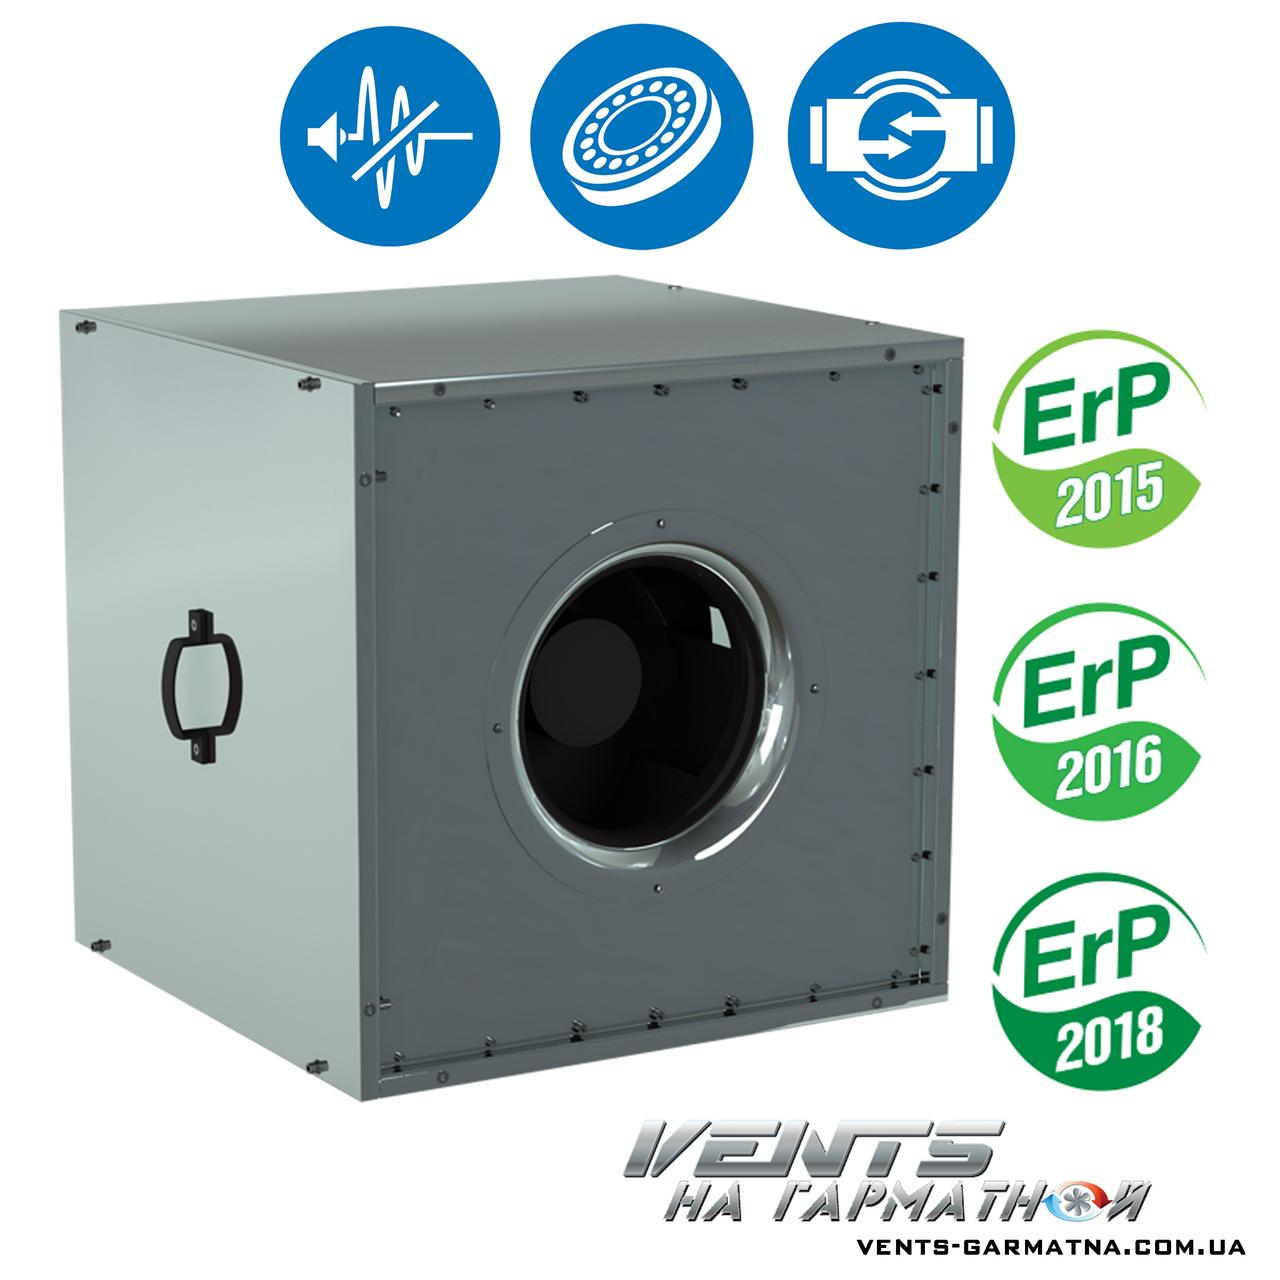 Вентс ВШ 630 С-4Д. Шумоизолированный вентилятор